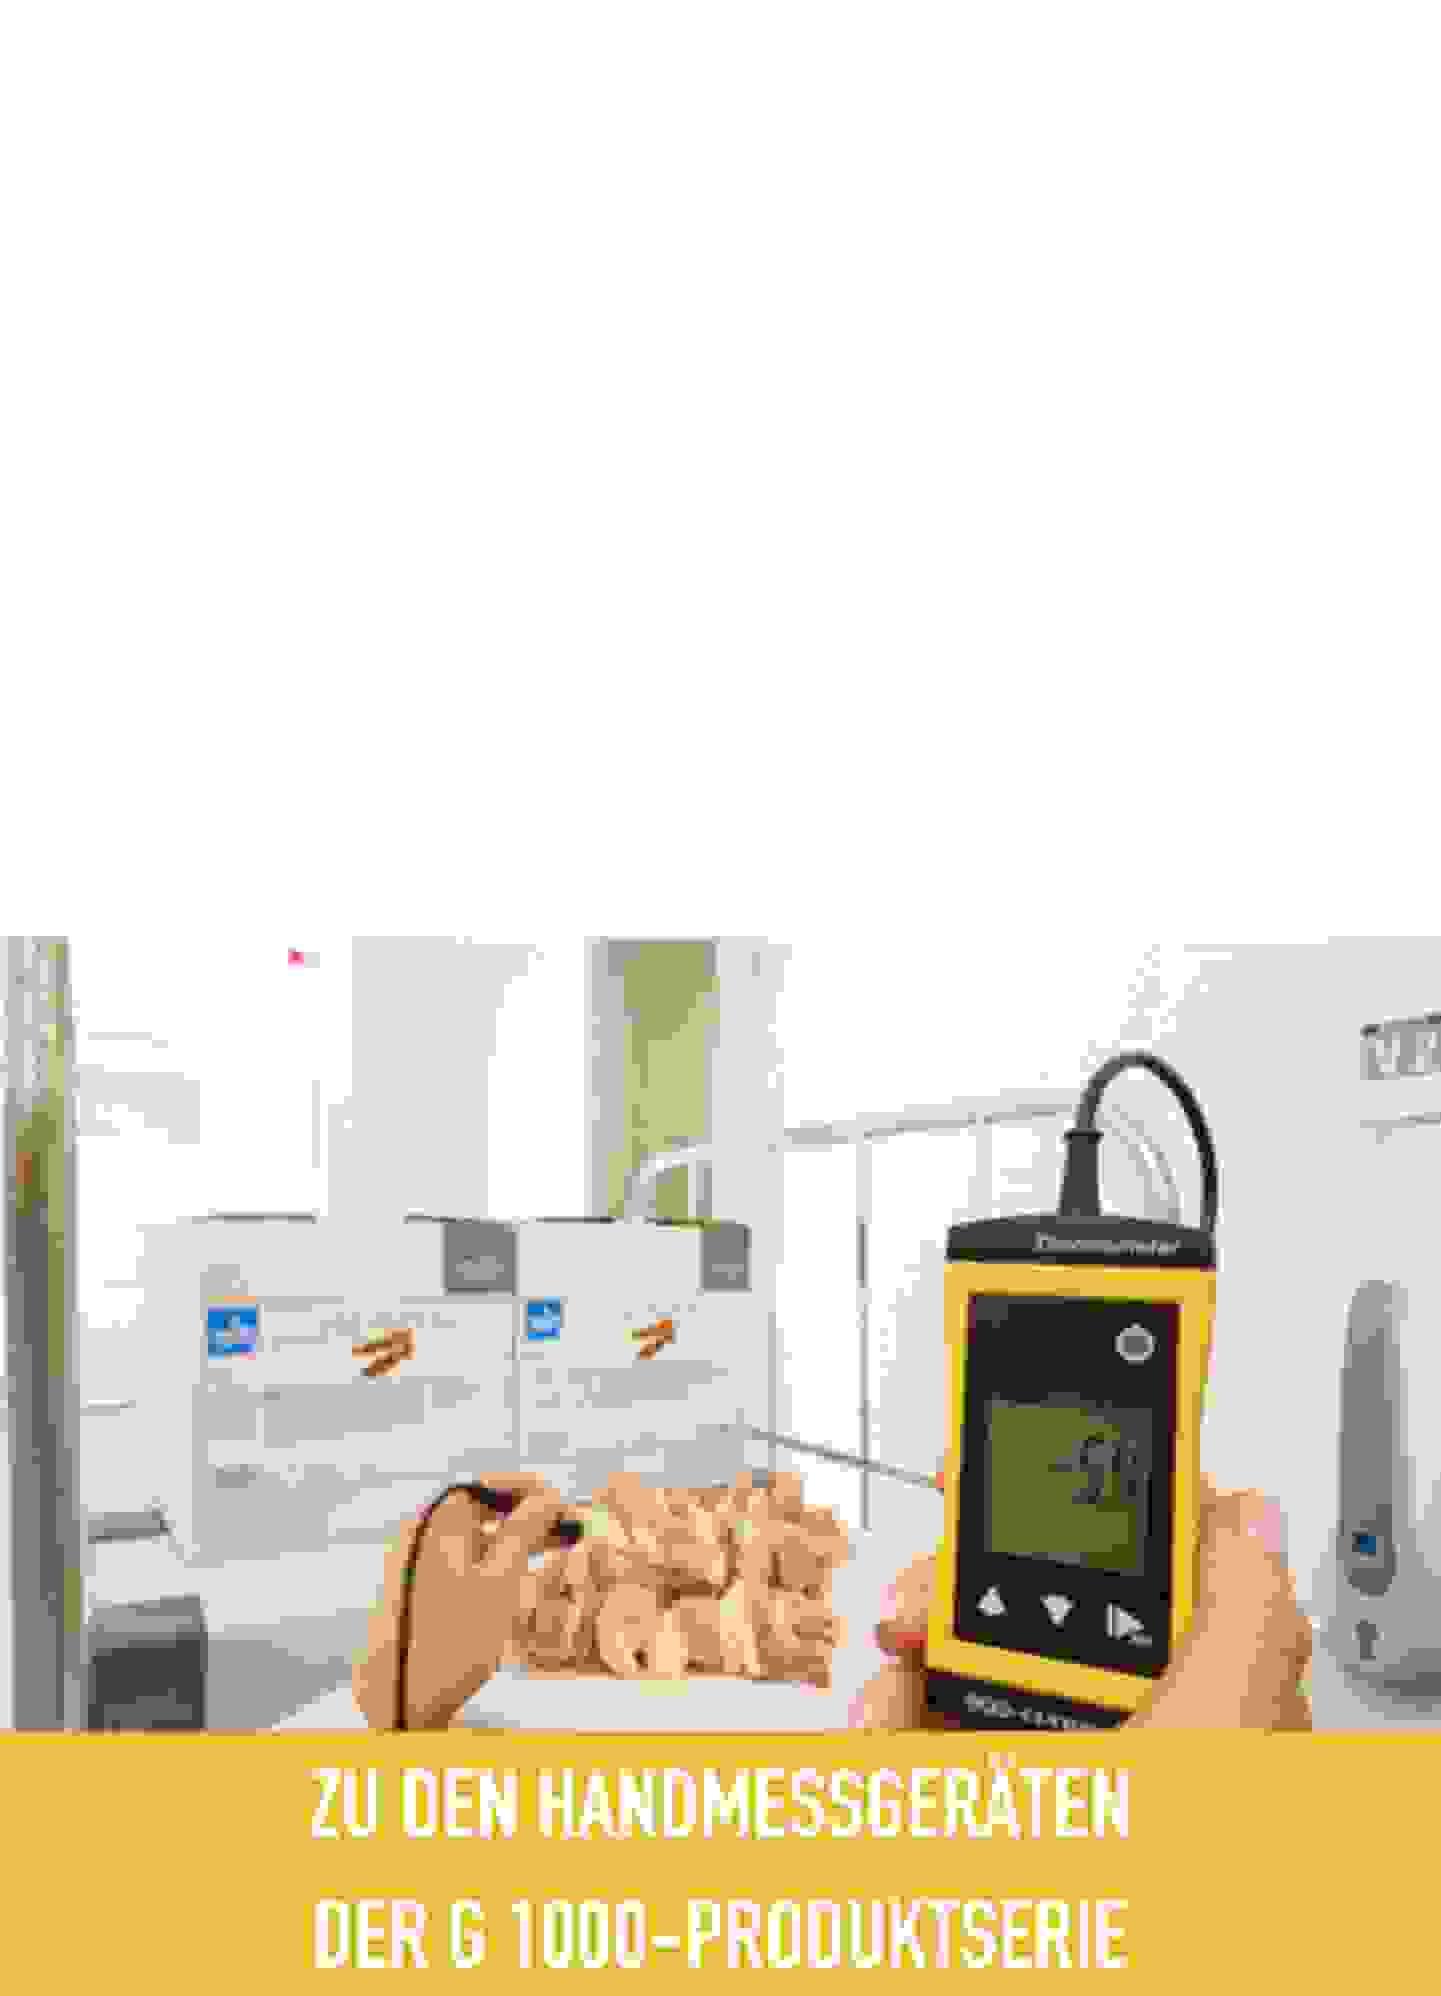 Handmessgeräte der G 1000-Produktserie